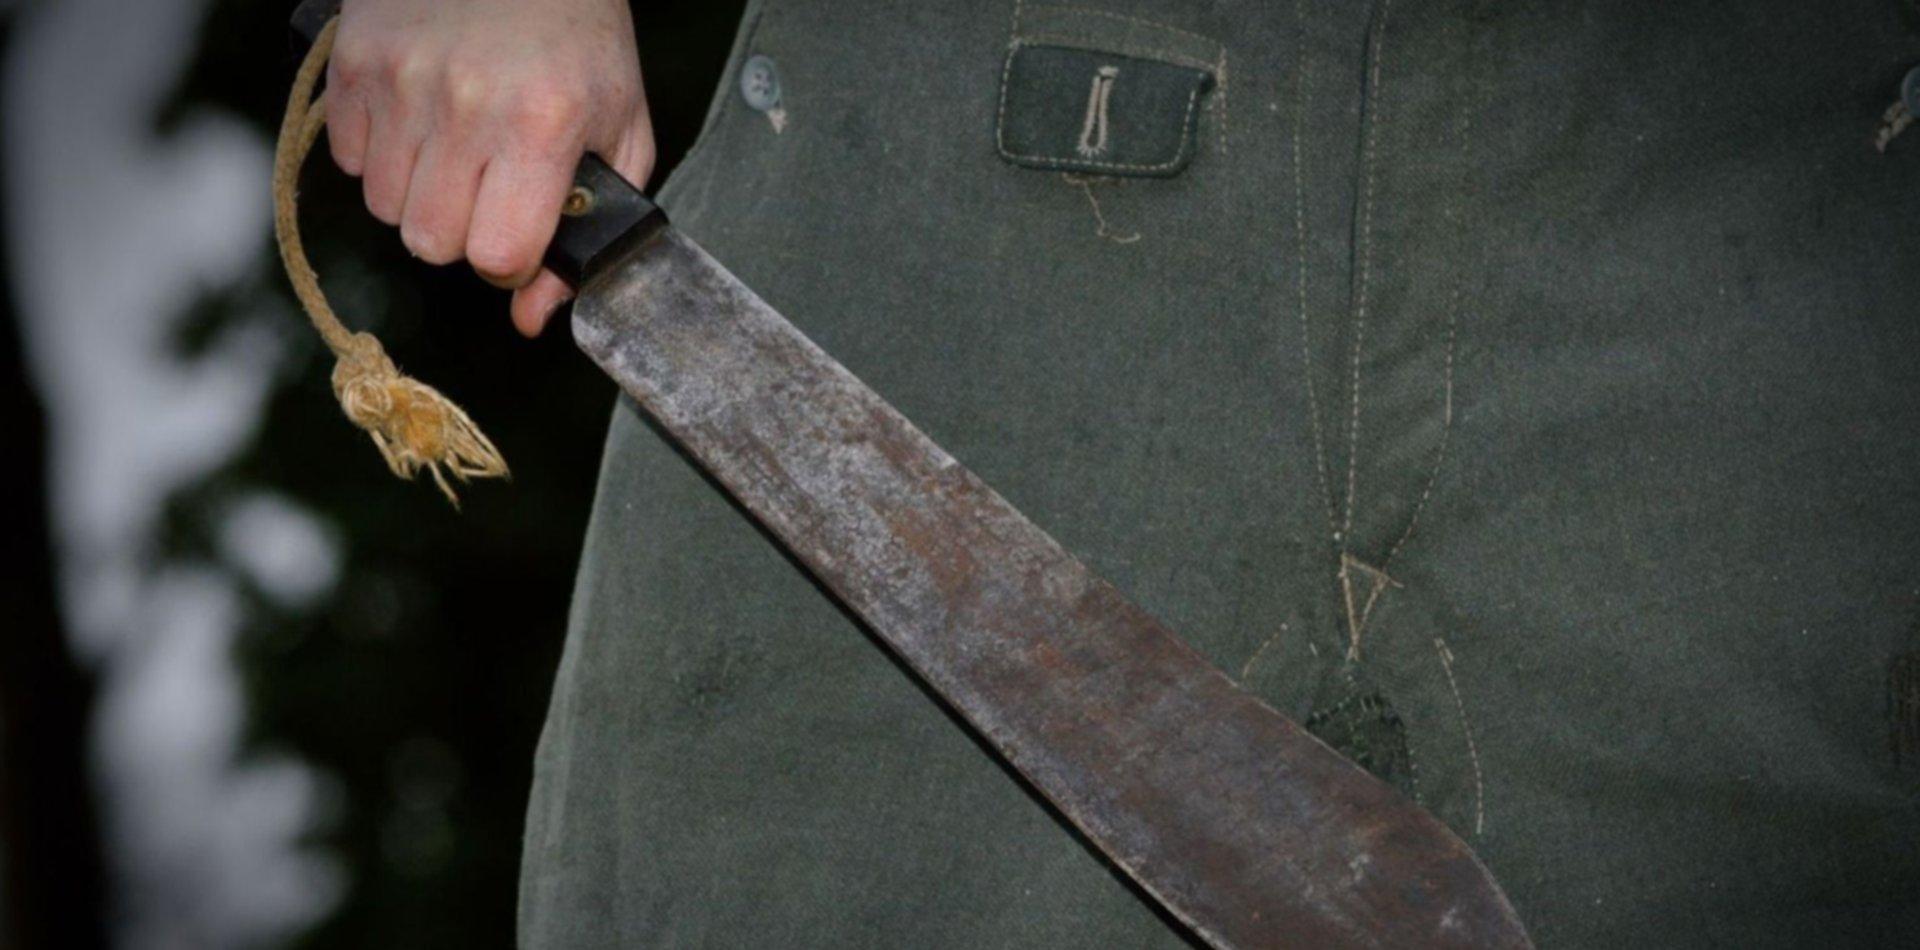 Amenazaron a un hombre con un machete, le robaron todo lo que tenía y escaparon